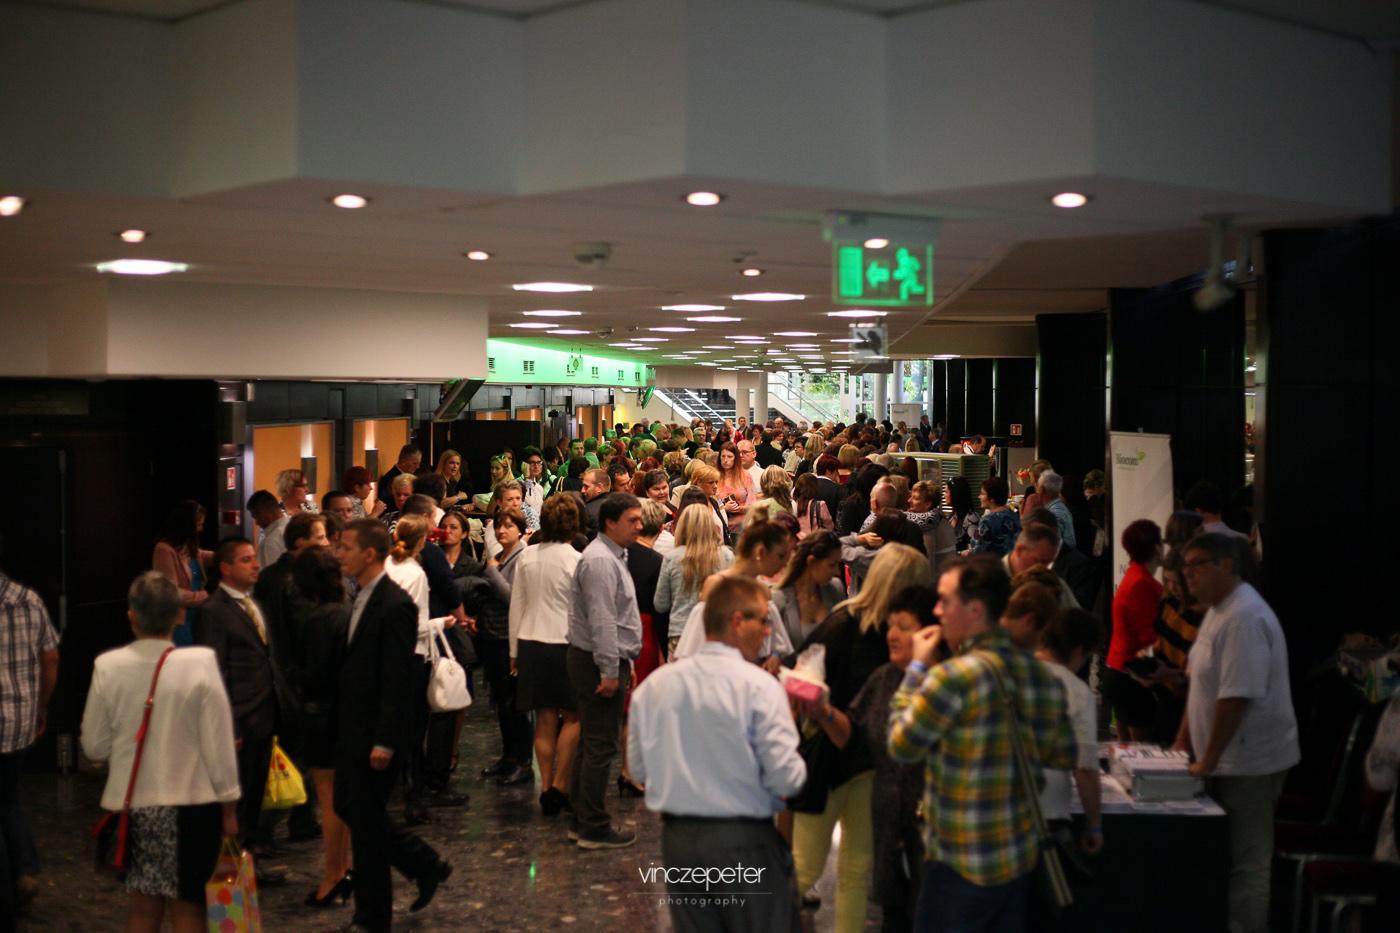 A szünet legalább olyan fontos, mint az előadás... Biocom pezsgés a Kongresszusiban.